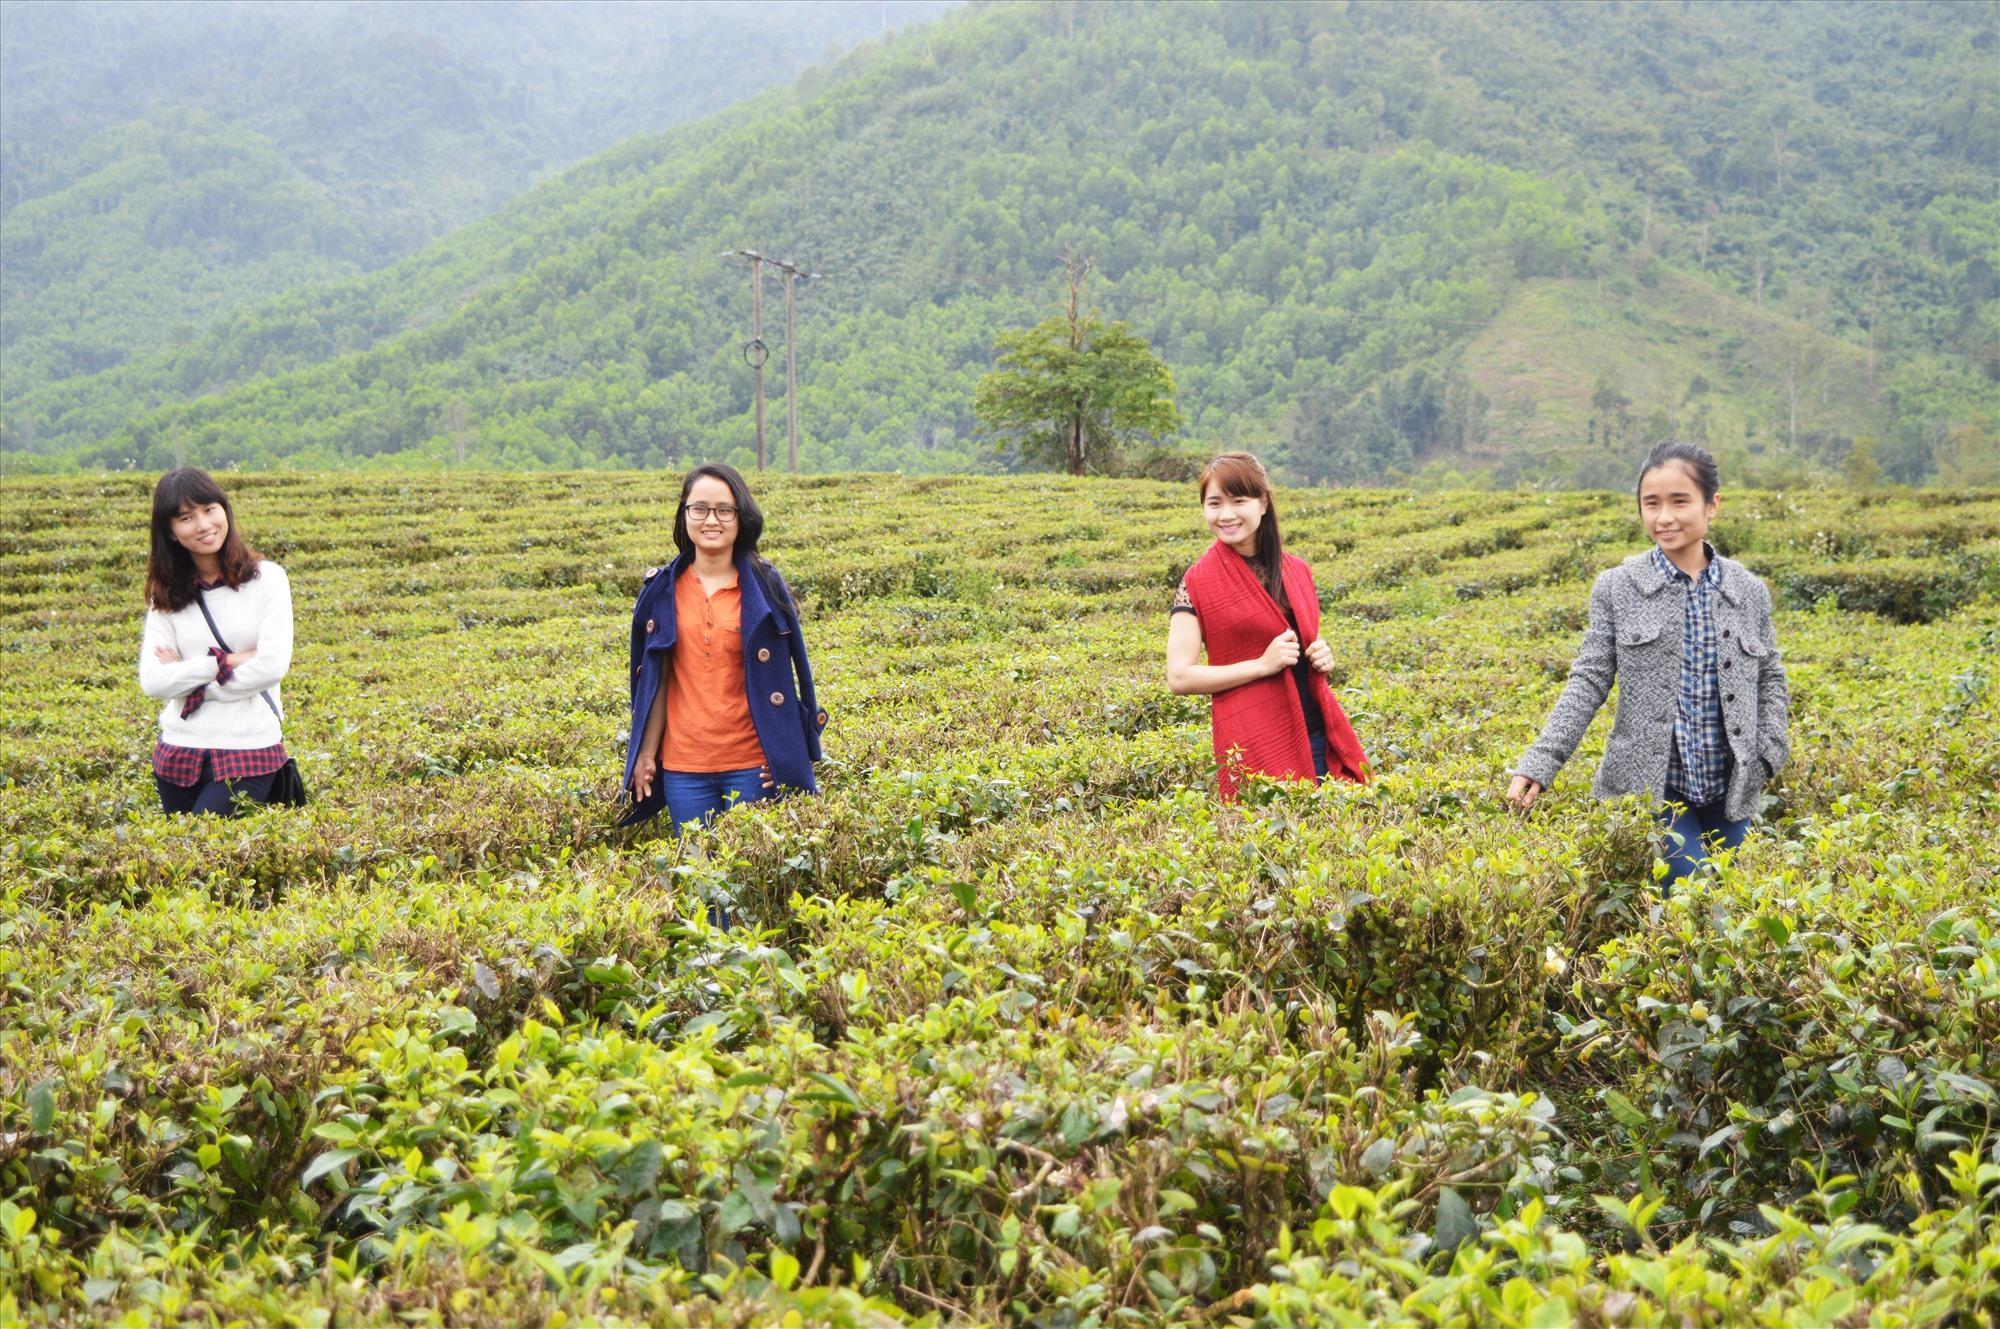 Tiềm năng khai thác du lịch sức khỏe, trị liệu ở vùng tây Quảng Nam rất lớn nhưng hầu như vẫn bỏ ngỏ. Ảnh: H.S